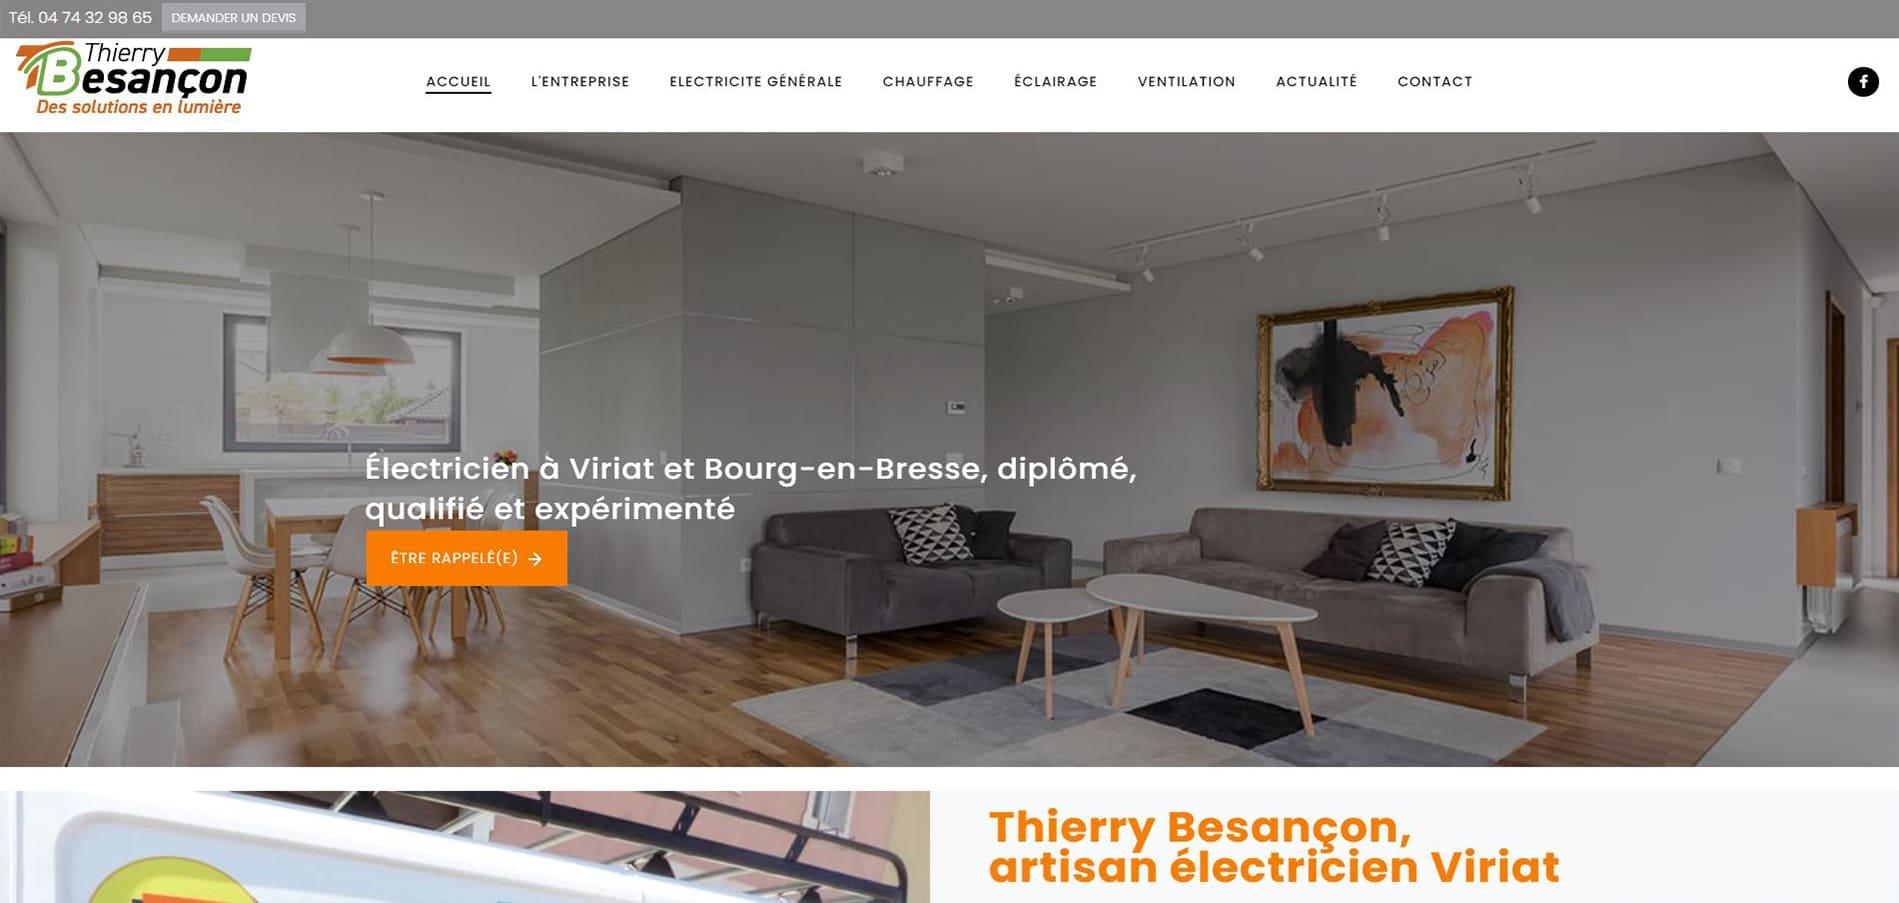 Page d'accueil du site de Thierry Besançon électricien à Viriat